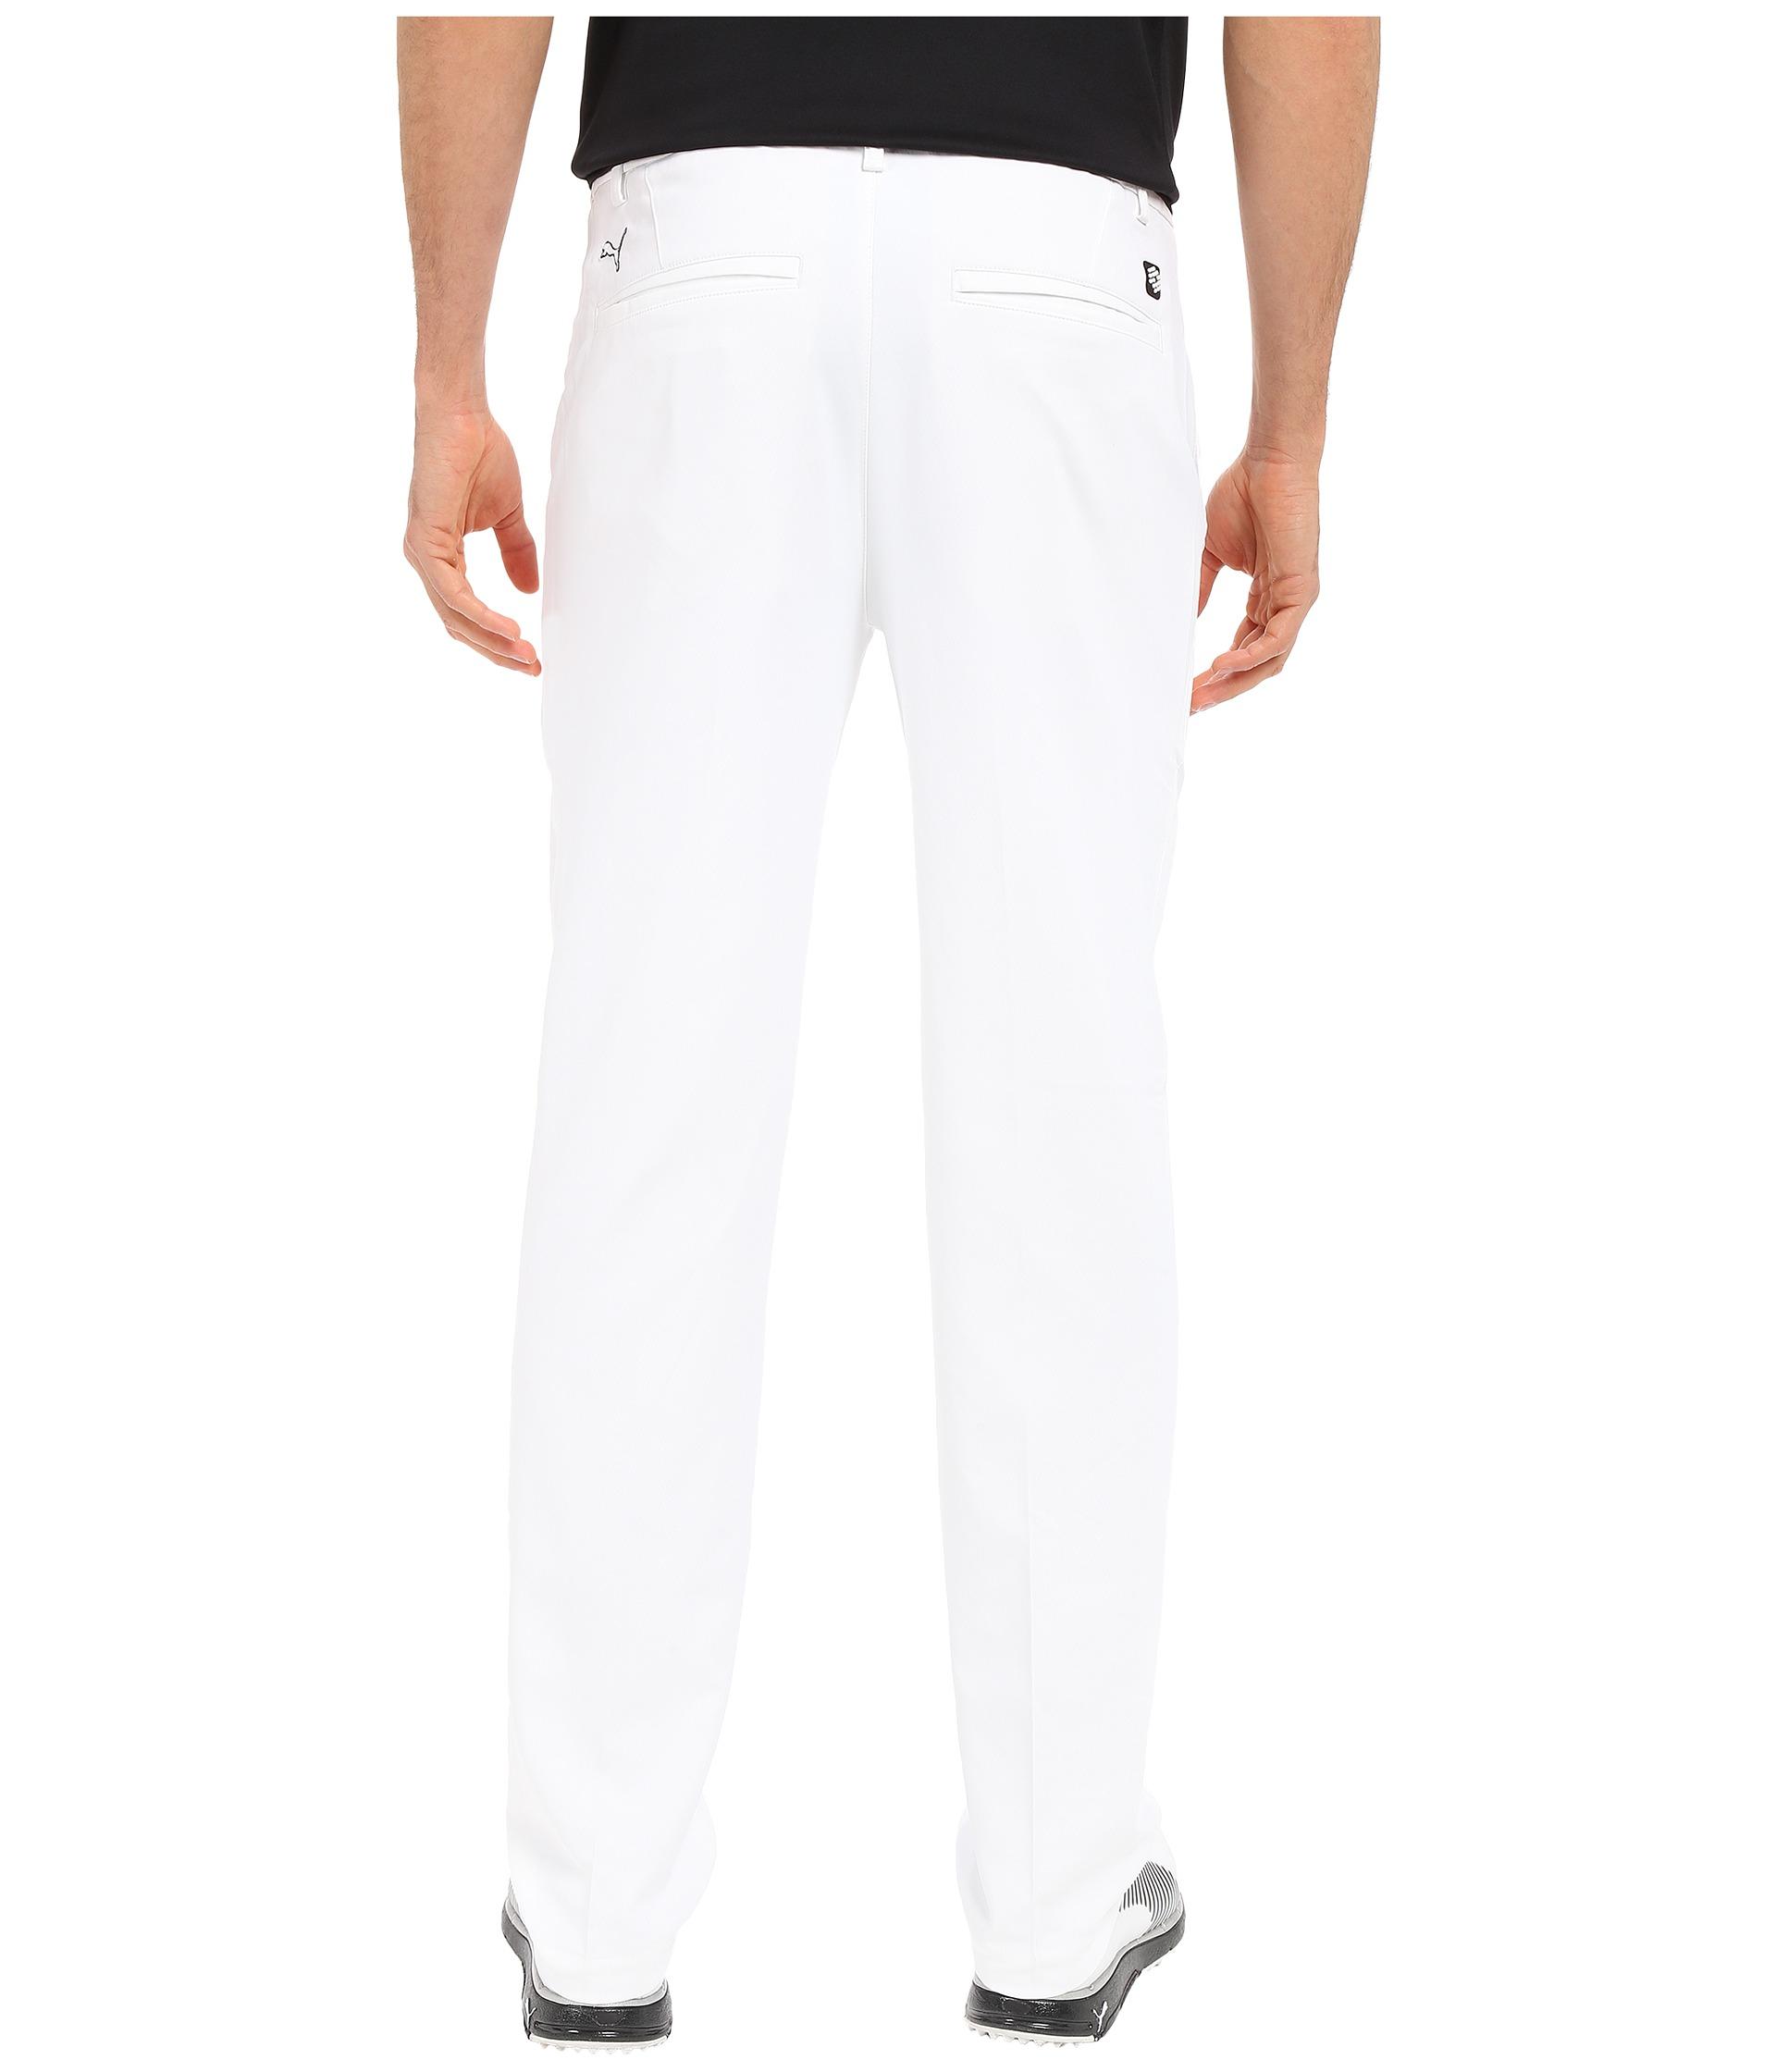 salomon skis de hommeace - Puma Golf Tech Style Pant '16 in White for Men | Lyst